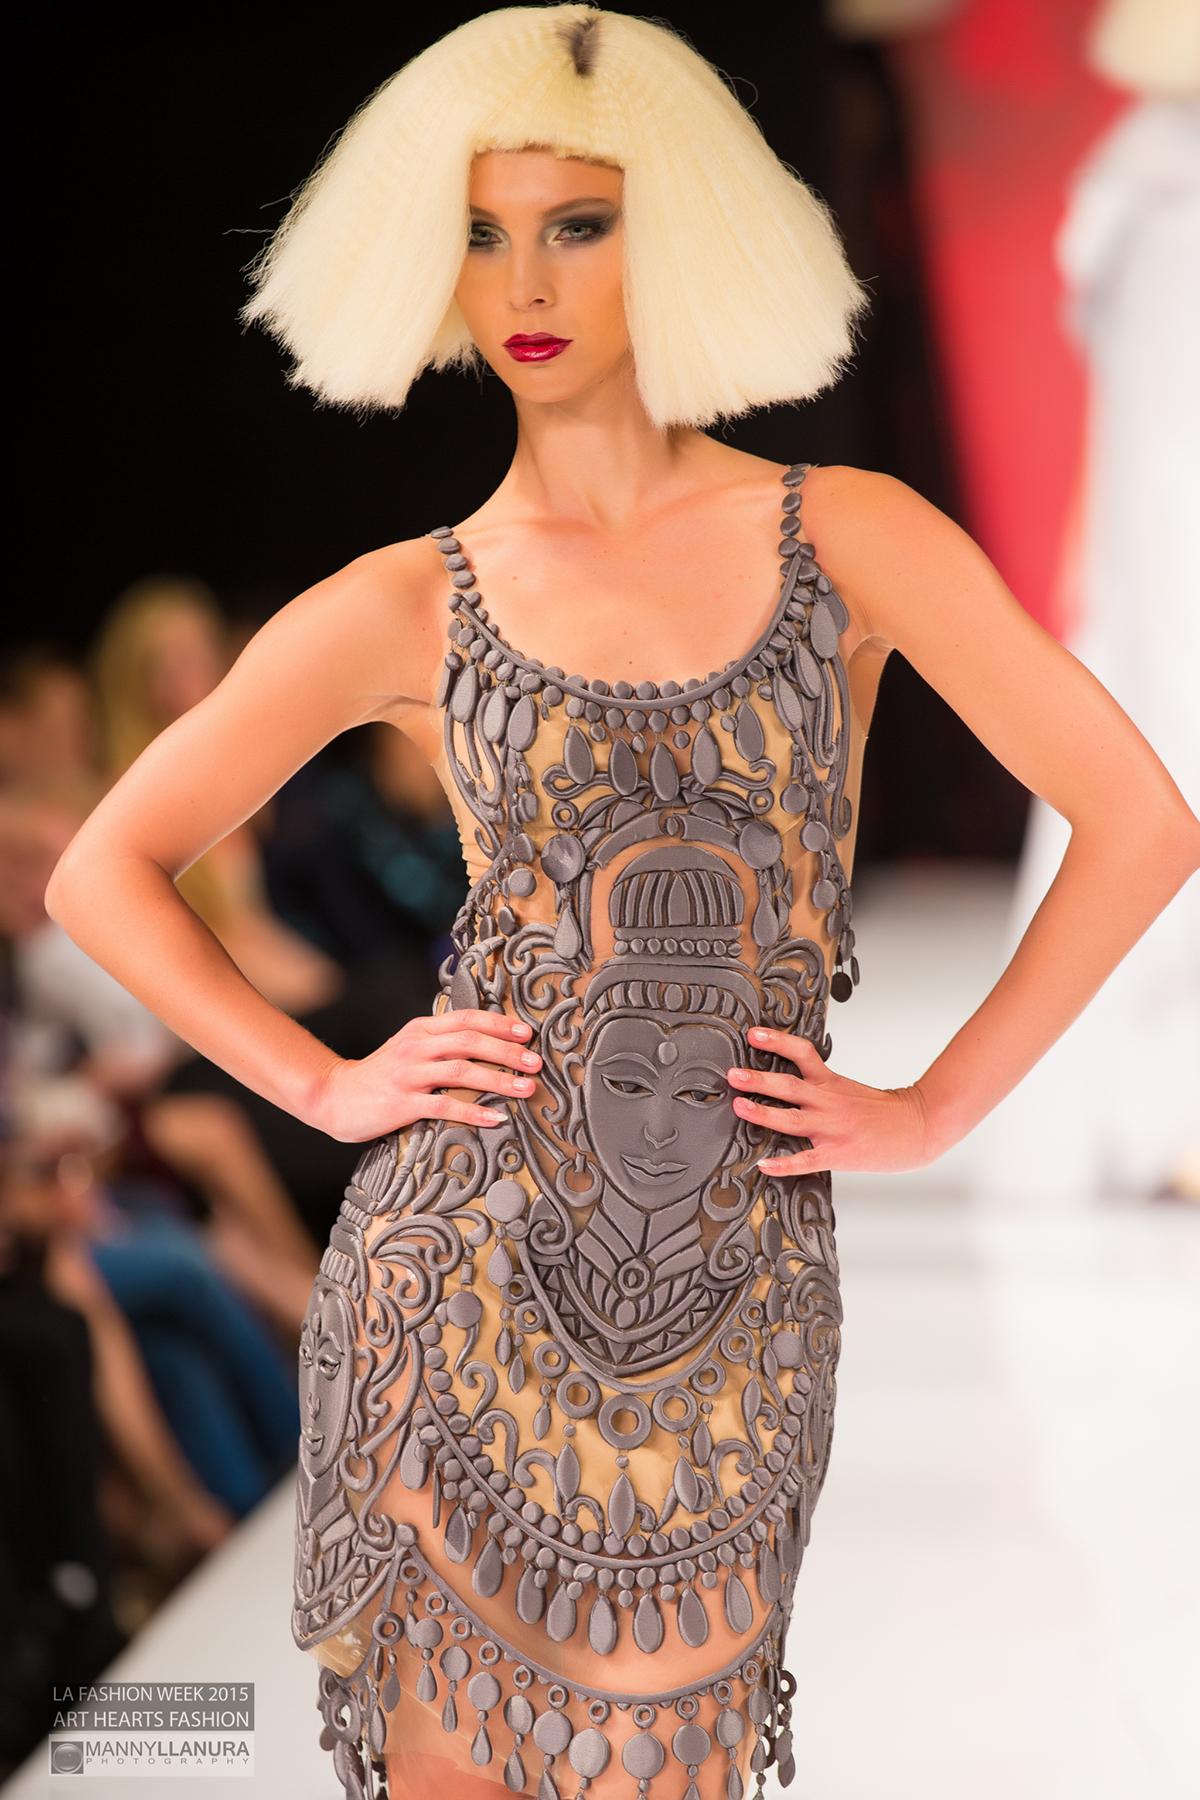 LA Fashion Week LAFW 13